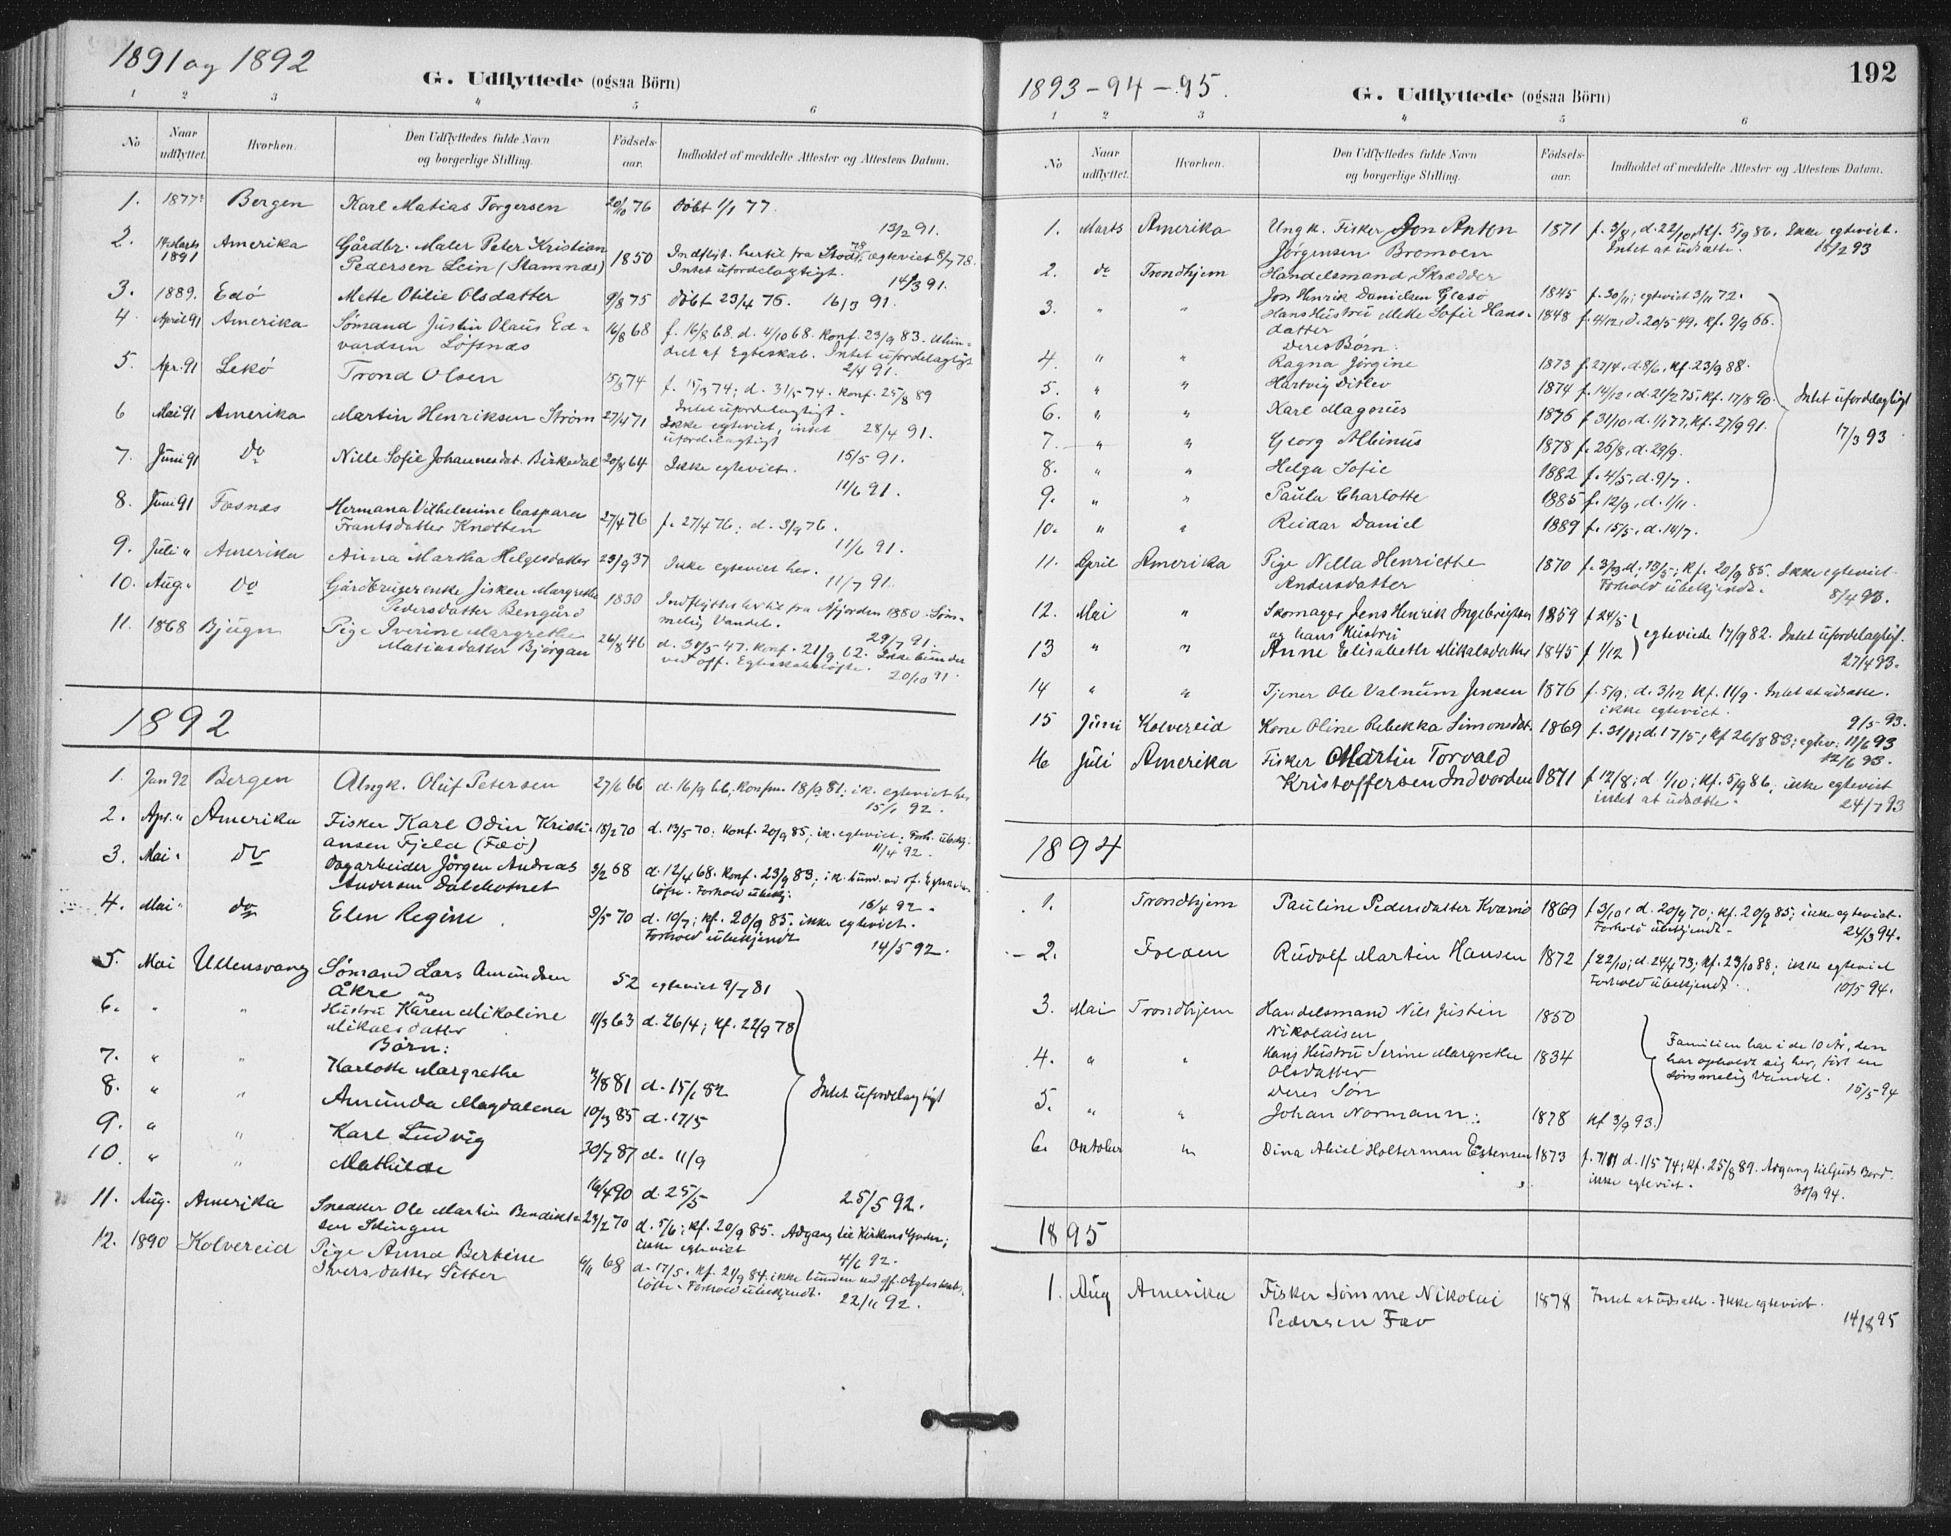 SAT, Ministerialprotokoller, klokkerbøker og fødselsregistre - Nord-Trøndelag, 772/L0603: Ministerialbok nr. 772A01, 1885-1912, s. 192